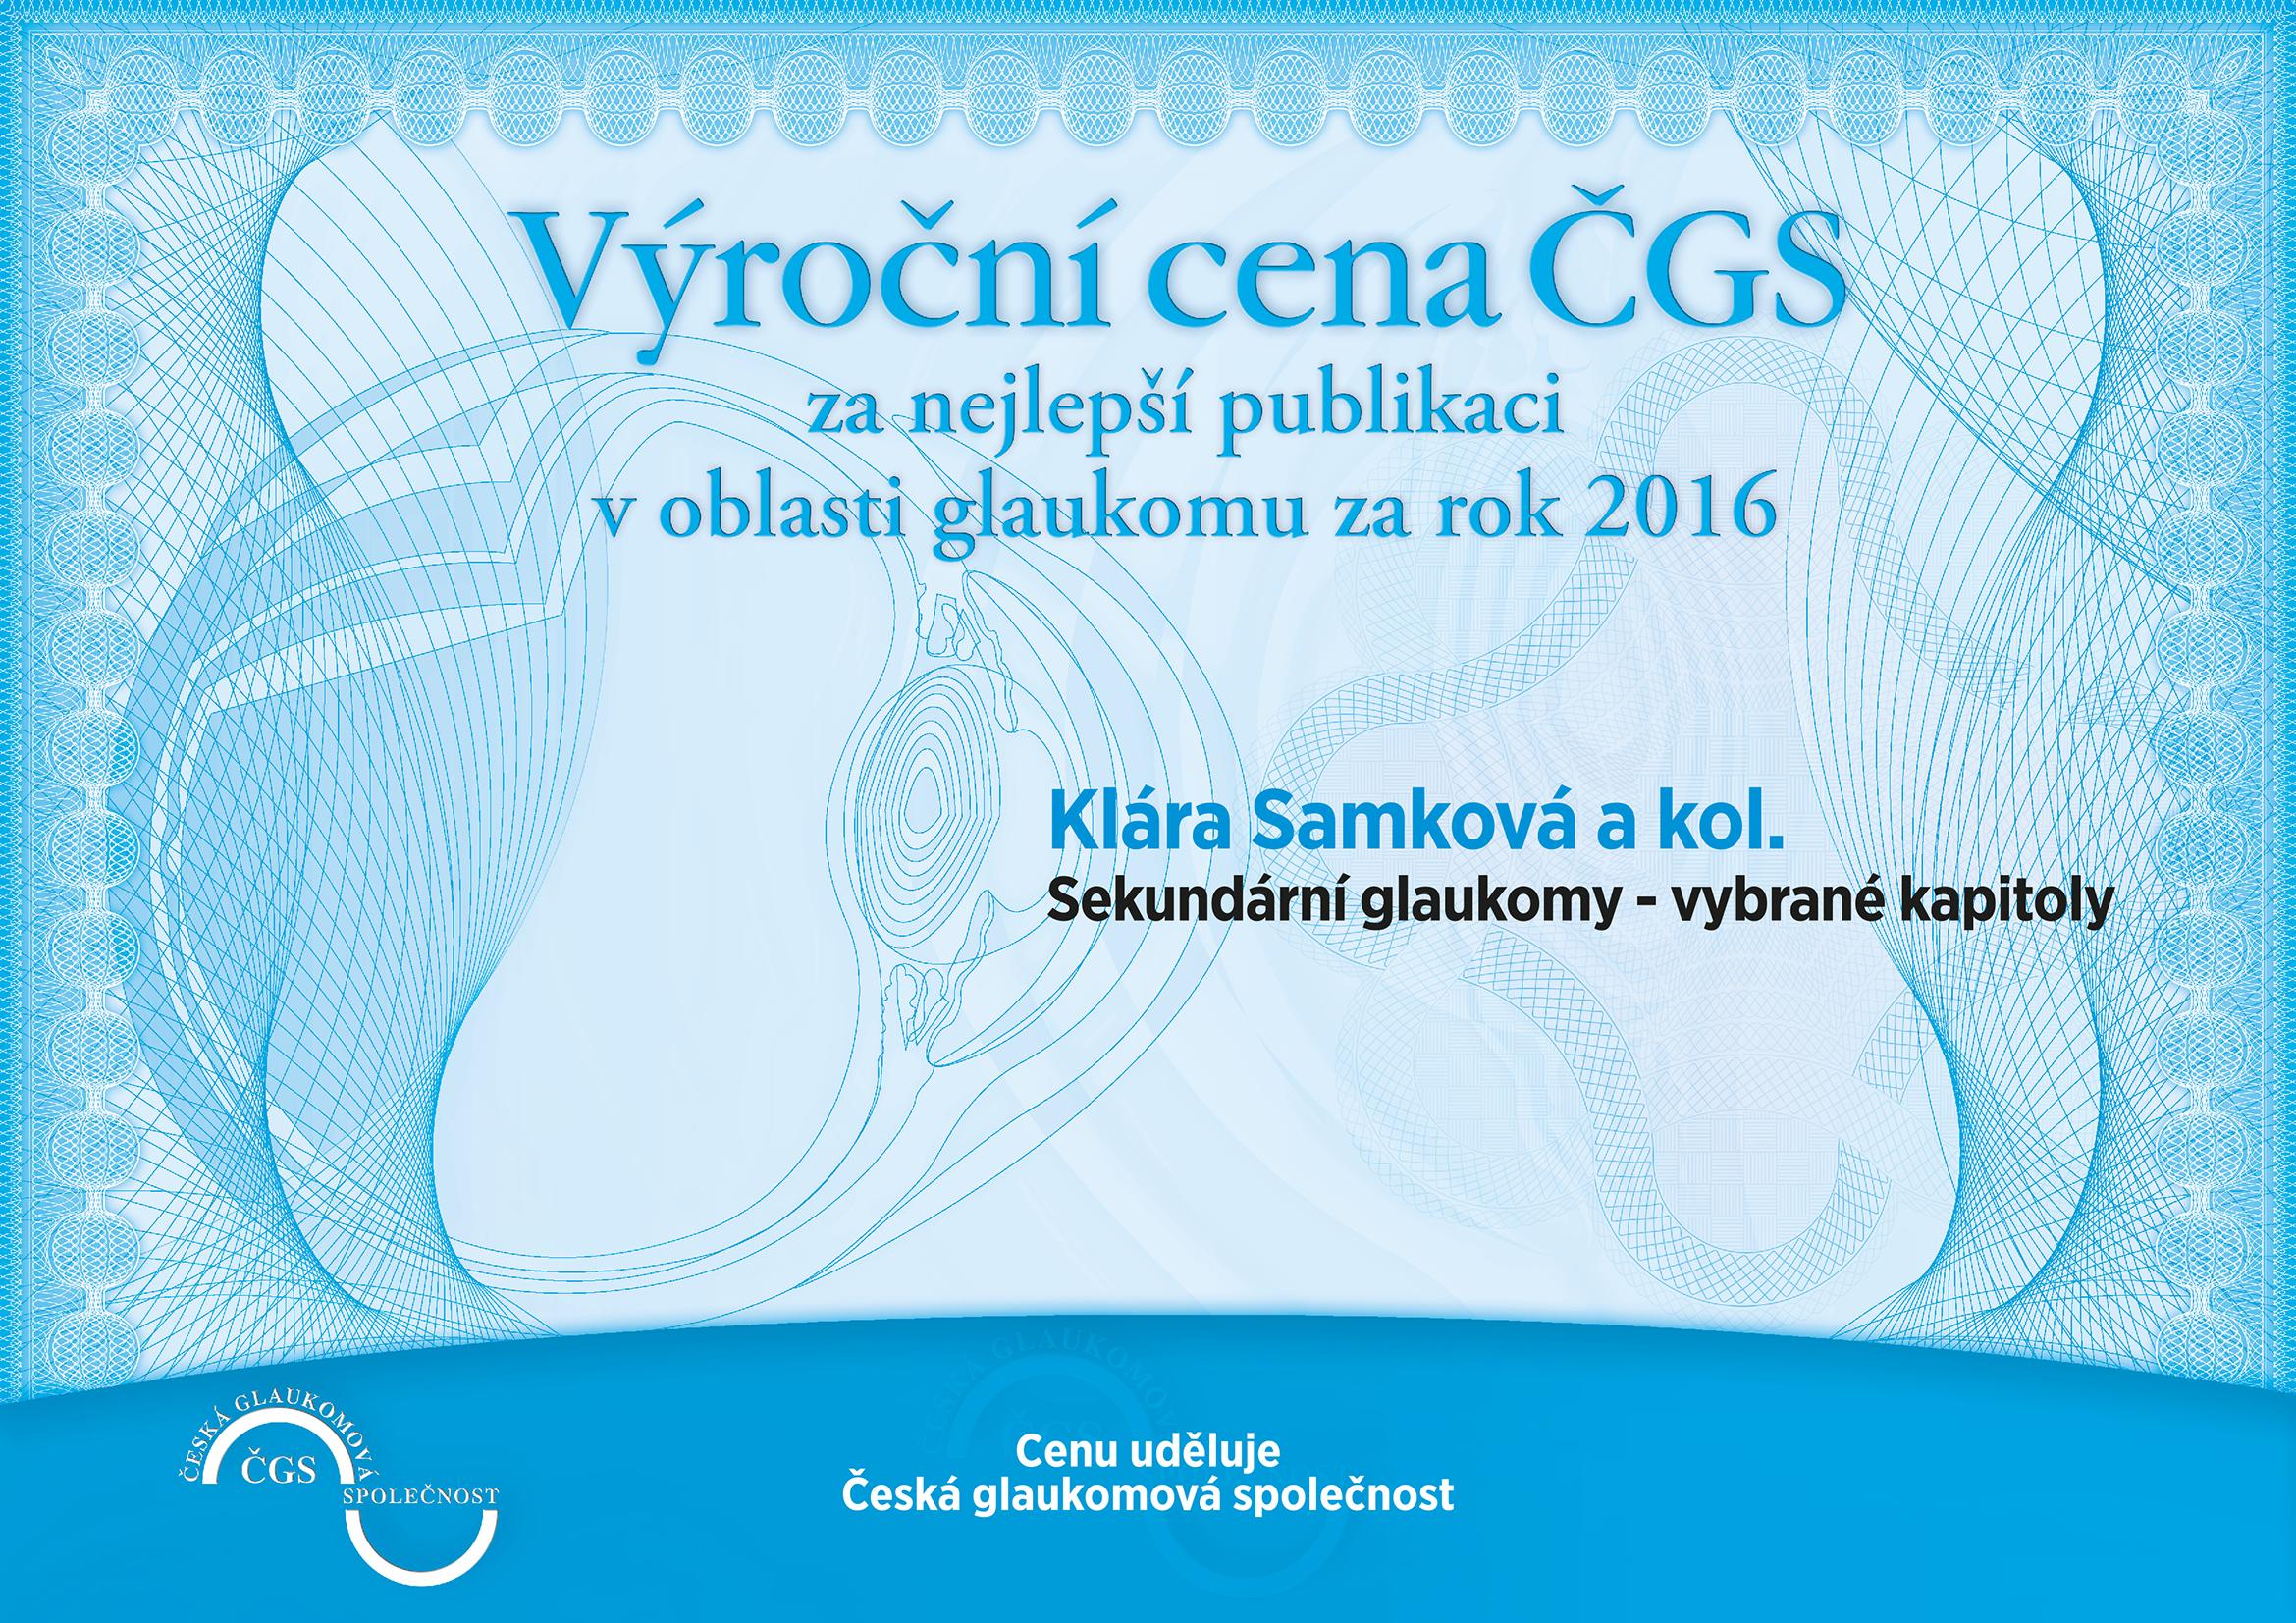 Výroční cena ČGS 2016